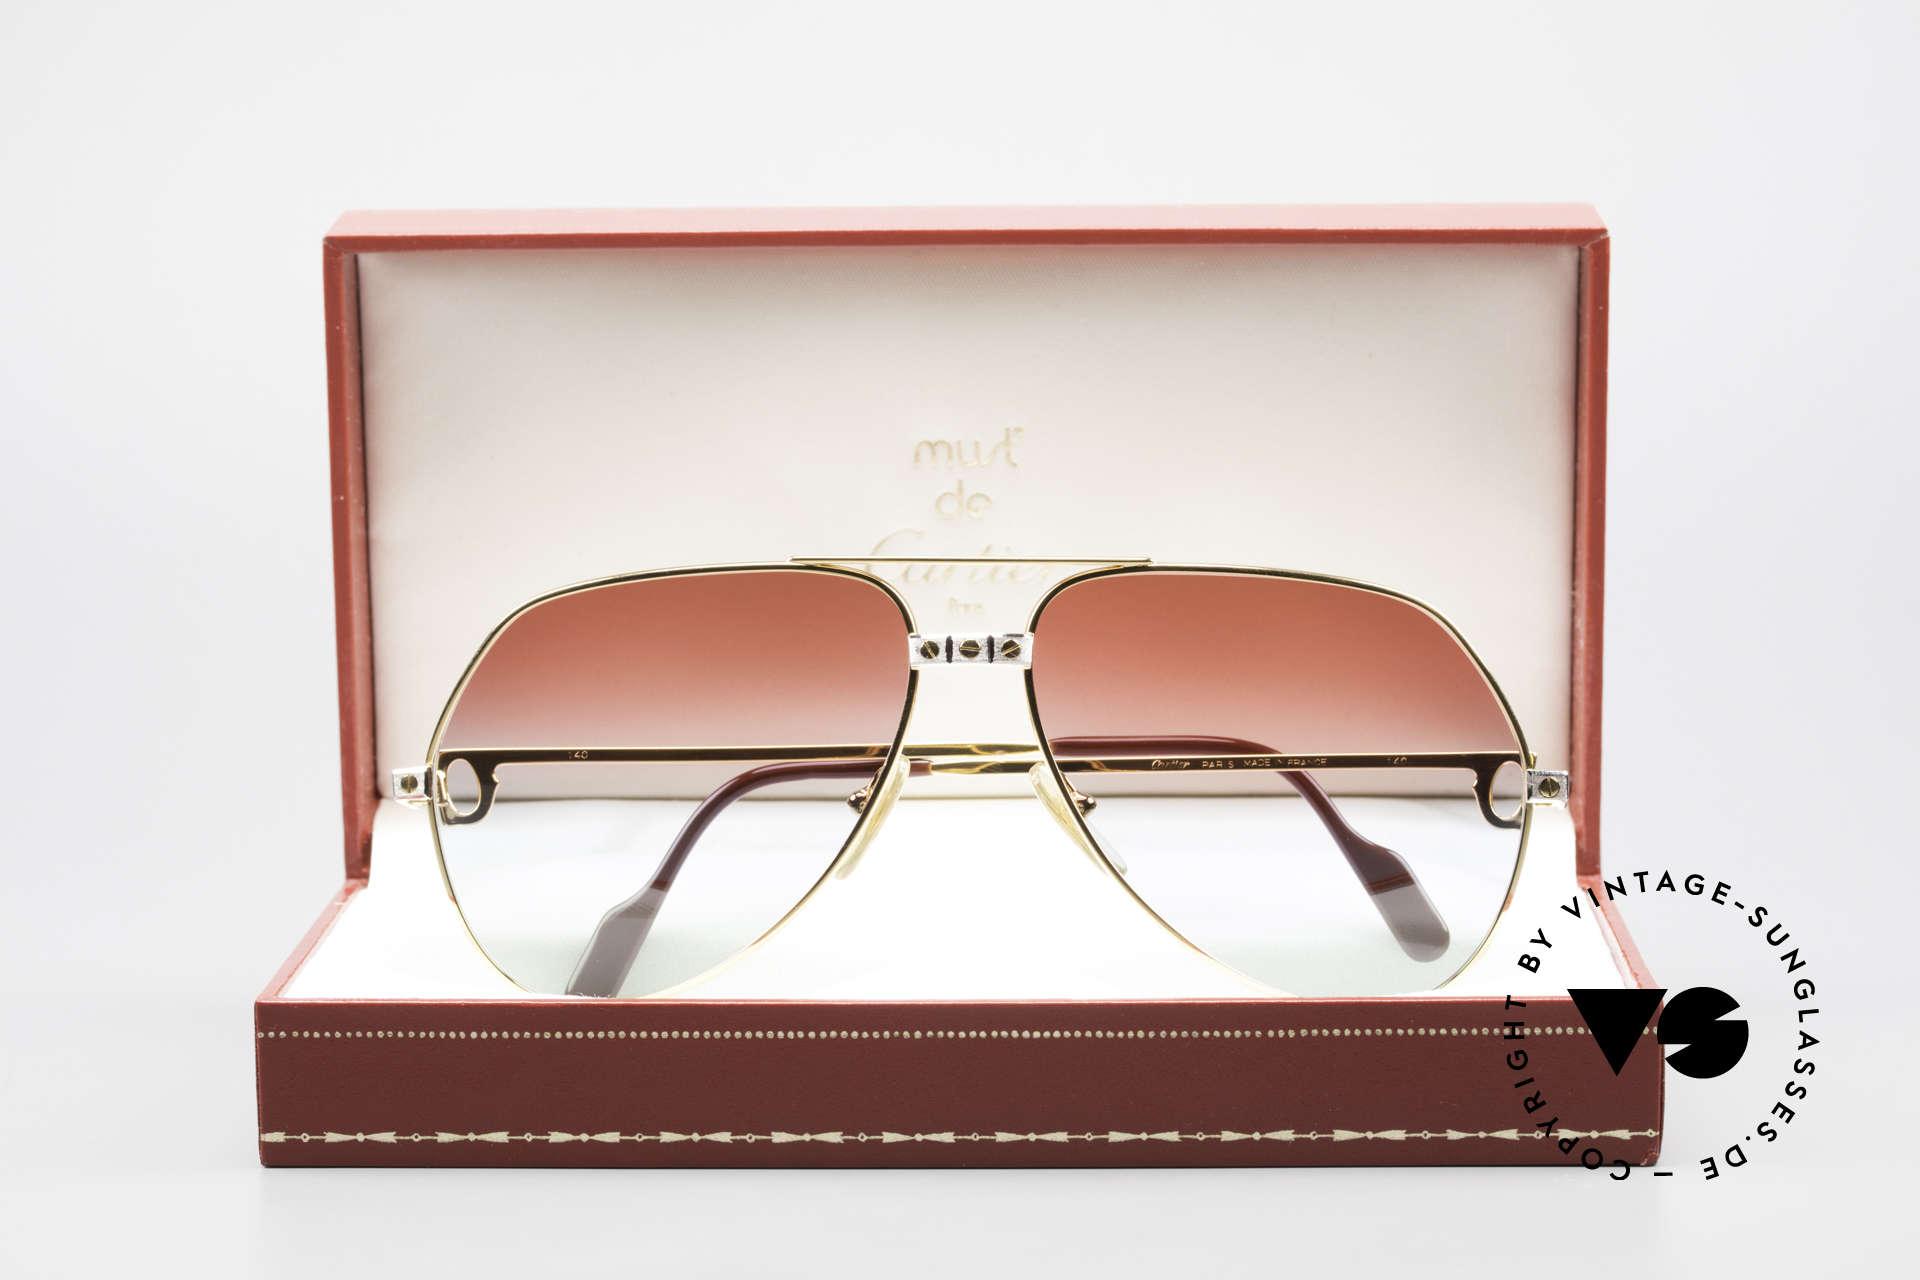 Cartier Vendome Santos - L Unique Bordeaux Polar Lights, NO RETRO sunglasses, but an authentic vintage Original, Made for Men